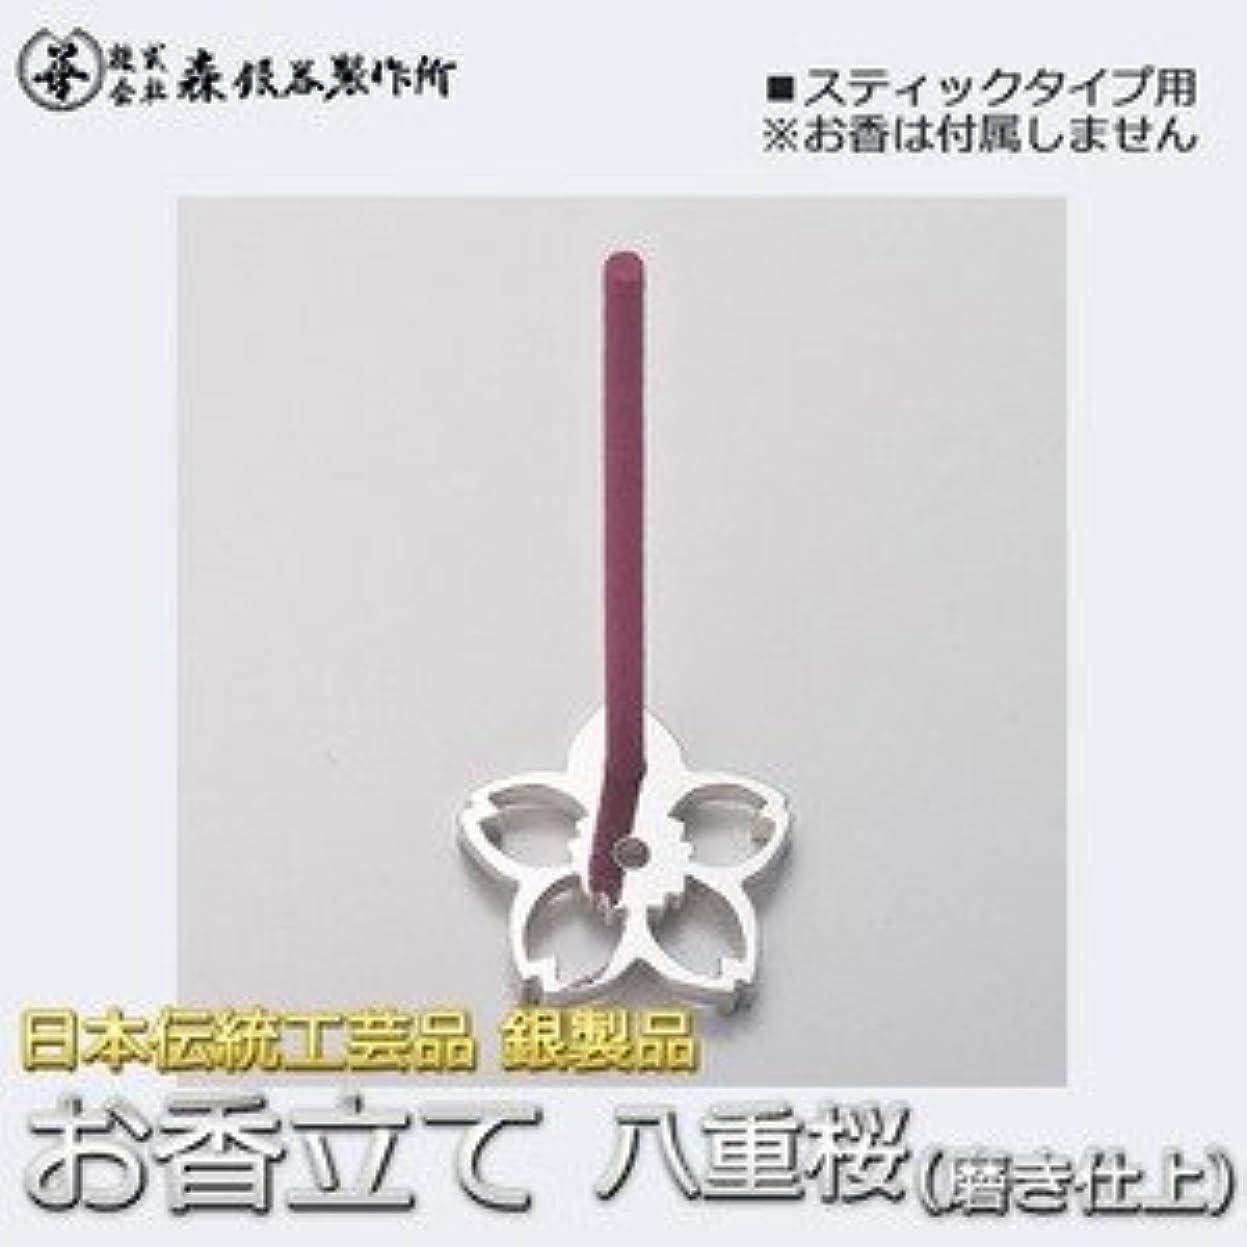 風が強い男やもめノイズ香立て 八重桜 銀製 磨き仕上げ 日本伝統工芸品 ハンドメイド スターリングシルバー